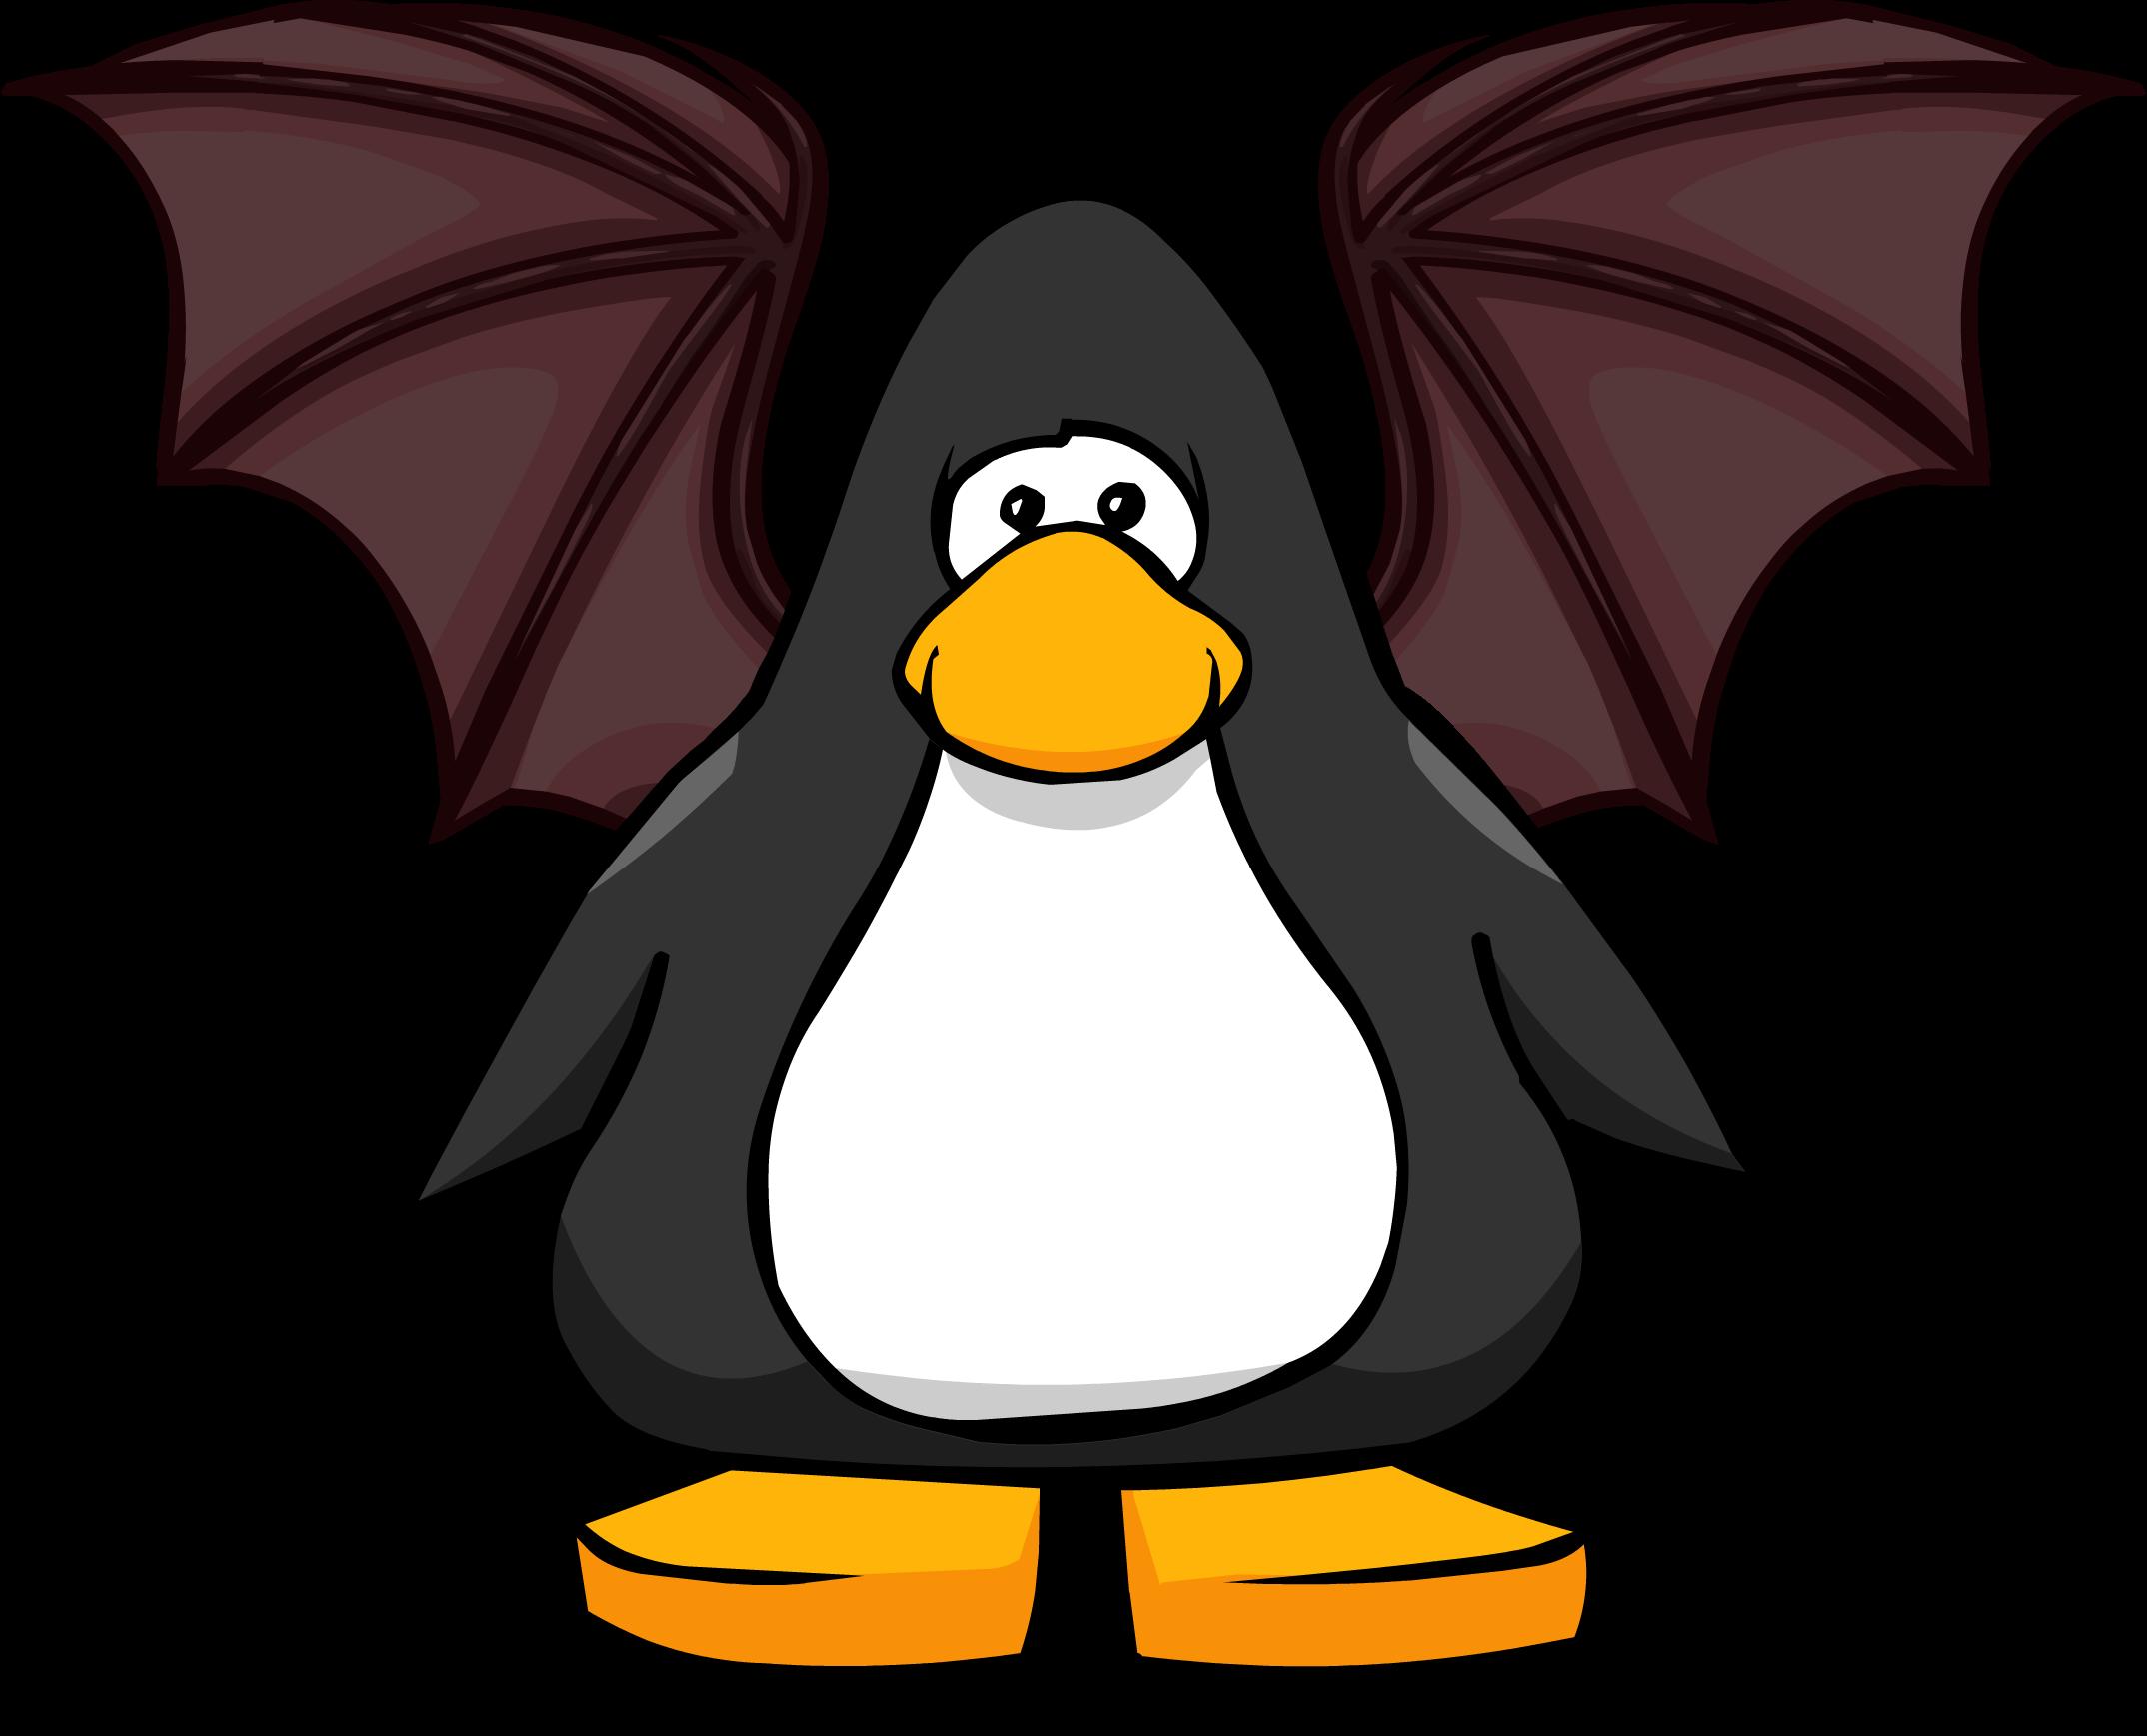 Hardscrabble's Wings